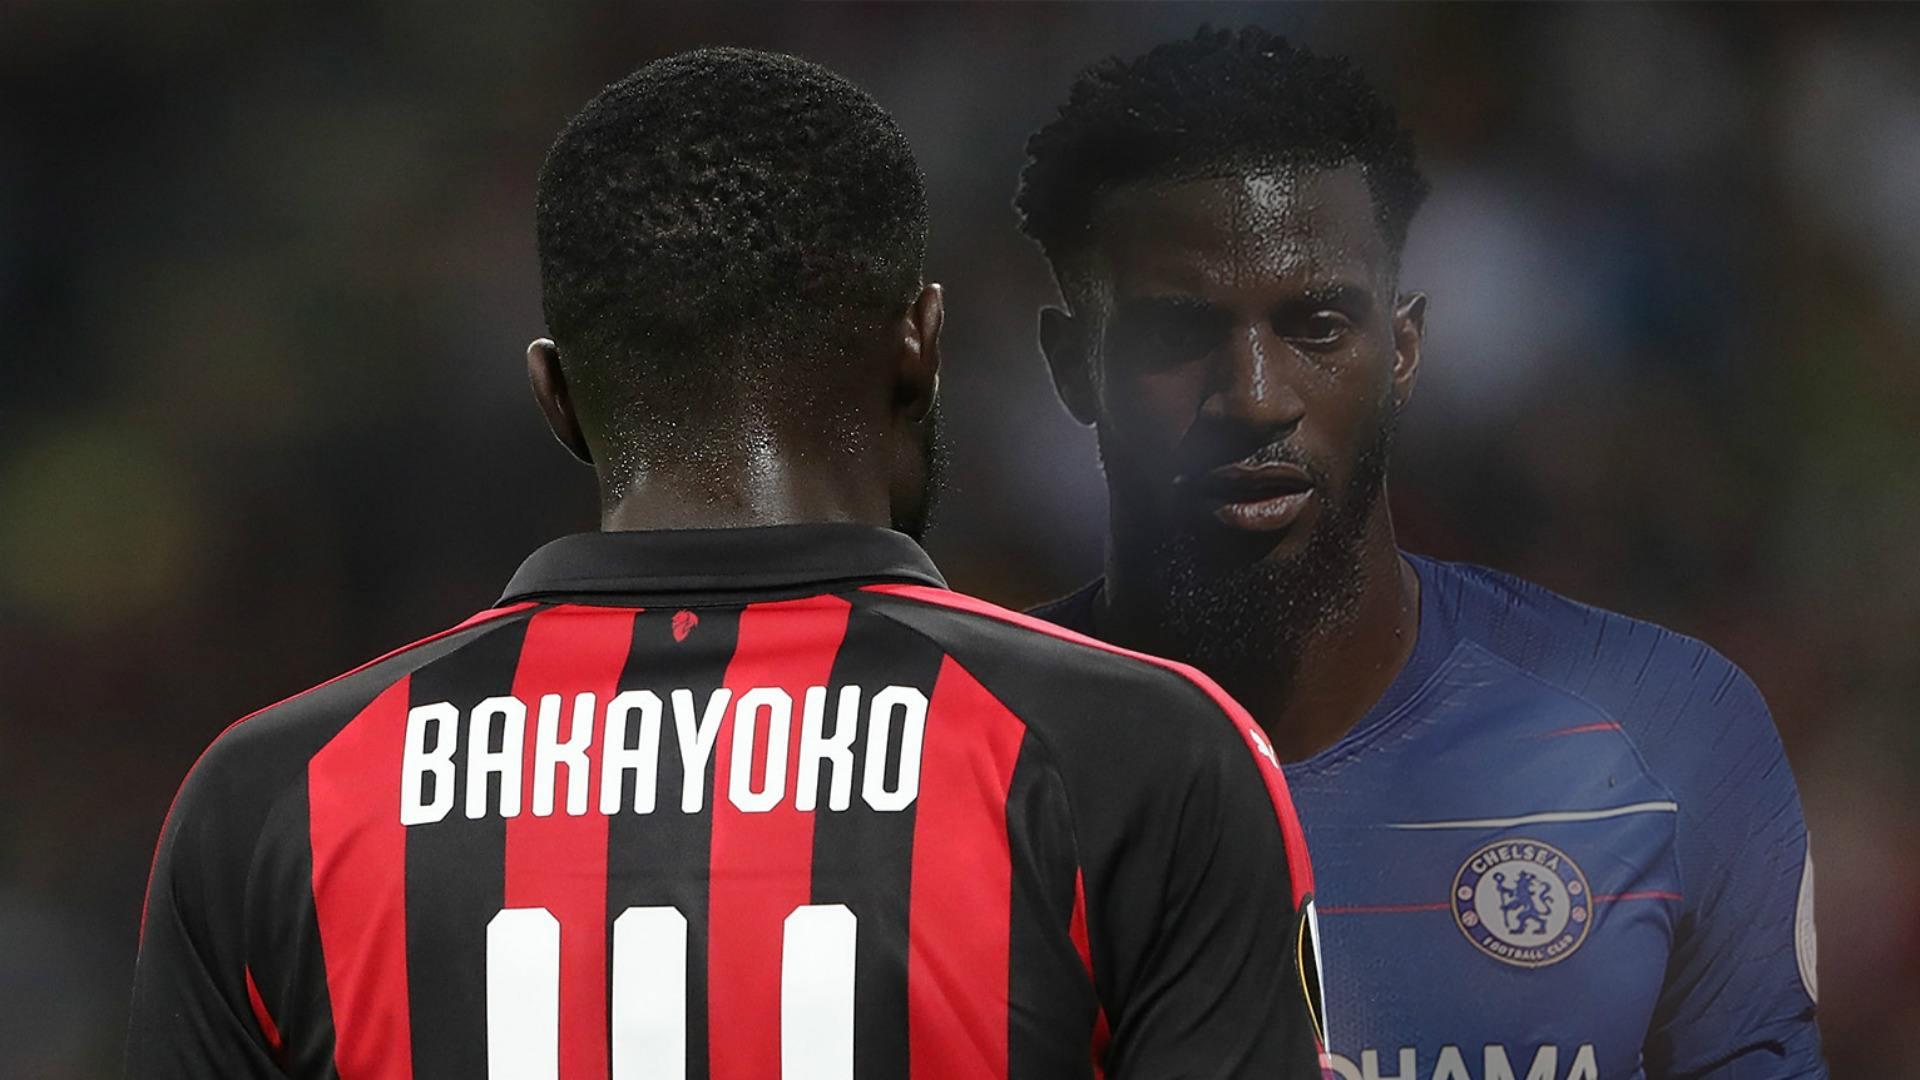 RMC:巴黎希望租借切尔西中场巴卡约科,谈判正在进行中